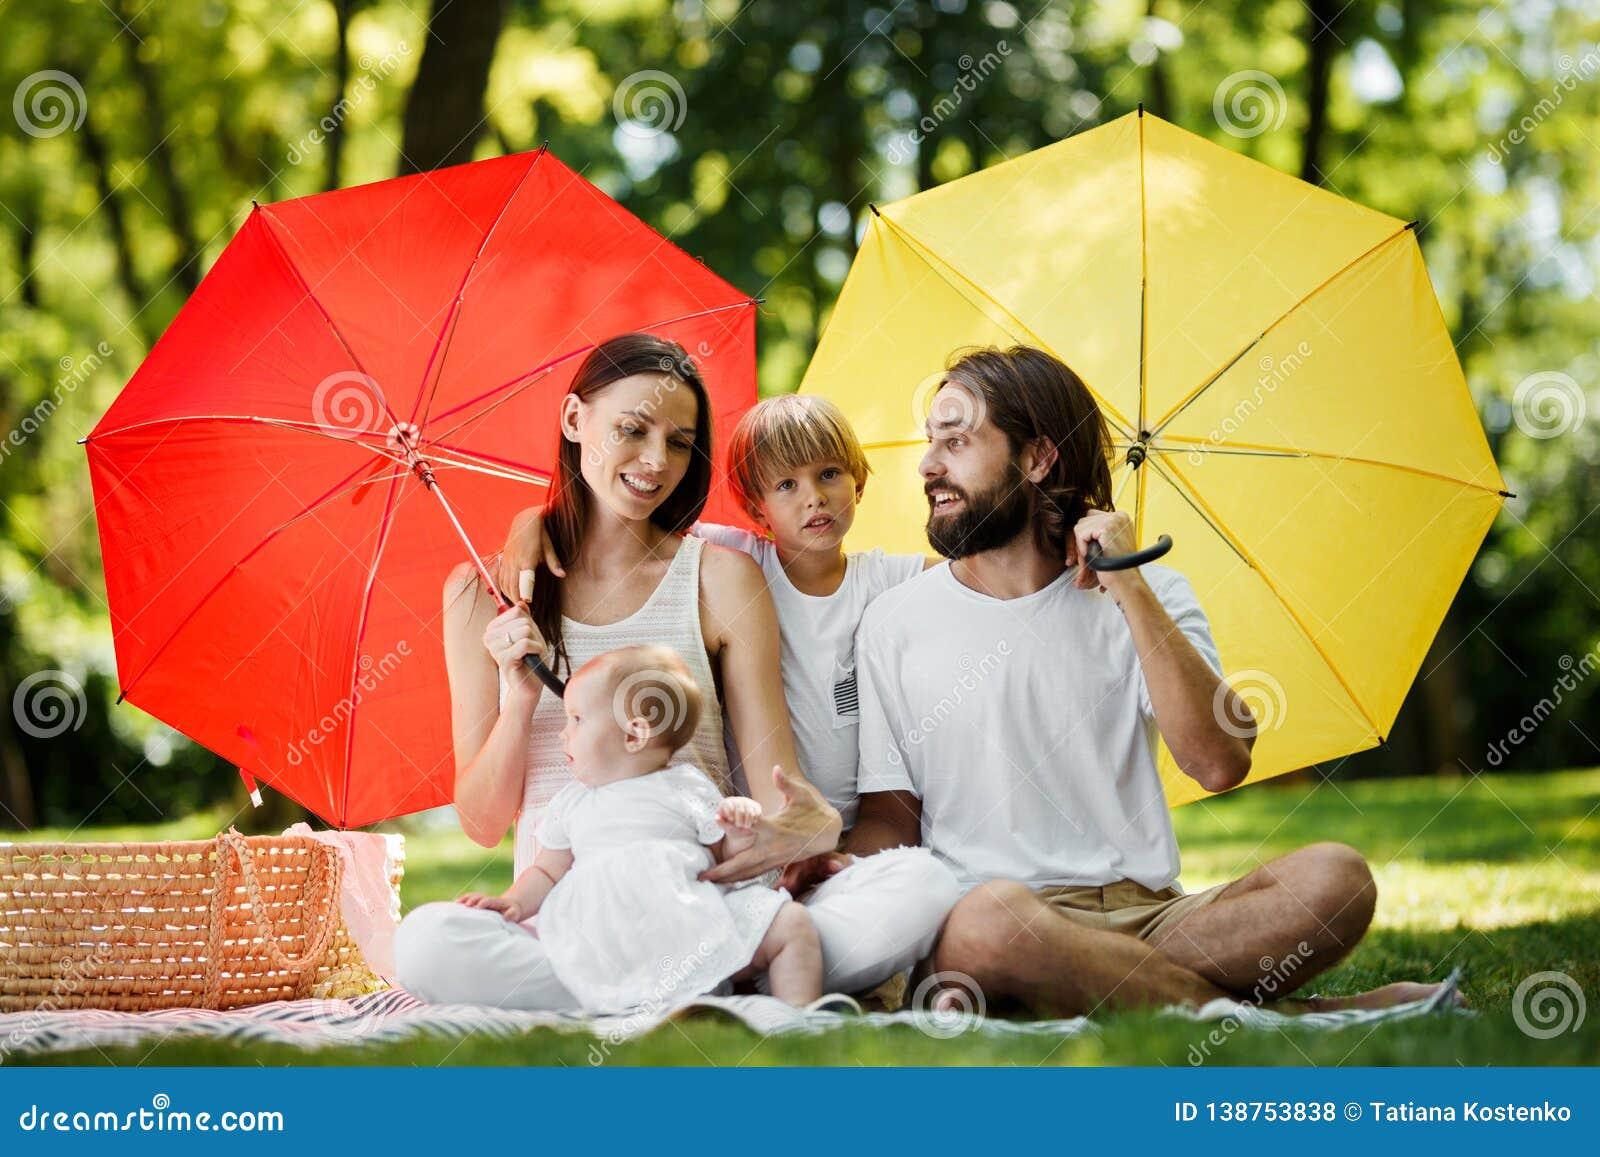 Смешные дети с мамой и папой сидя на одеяле под большими красными и желтыми зонтиками покрывая их от солнца